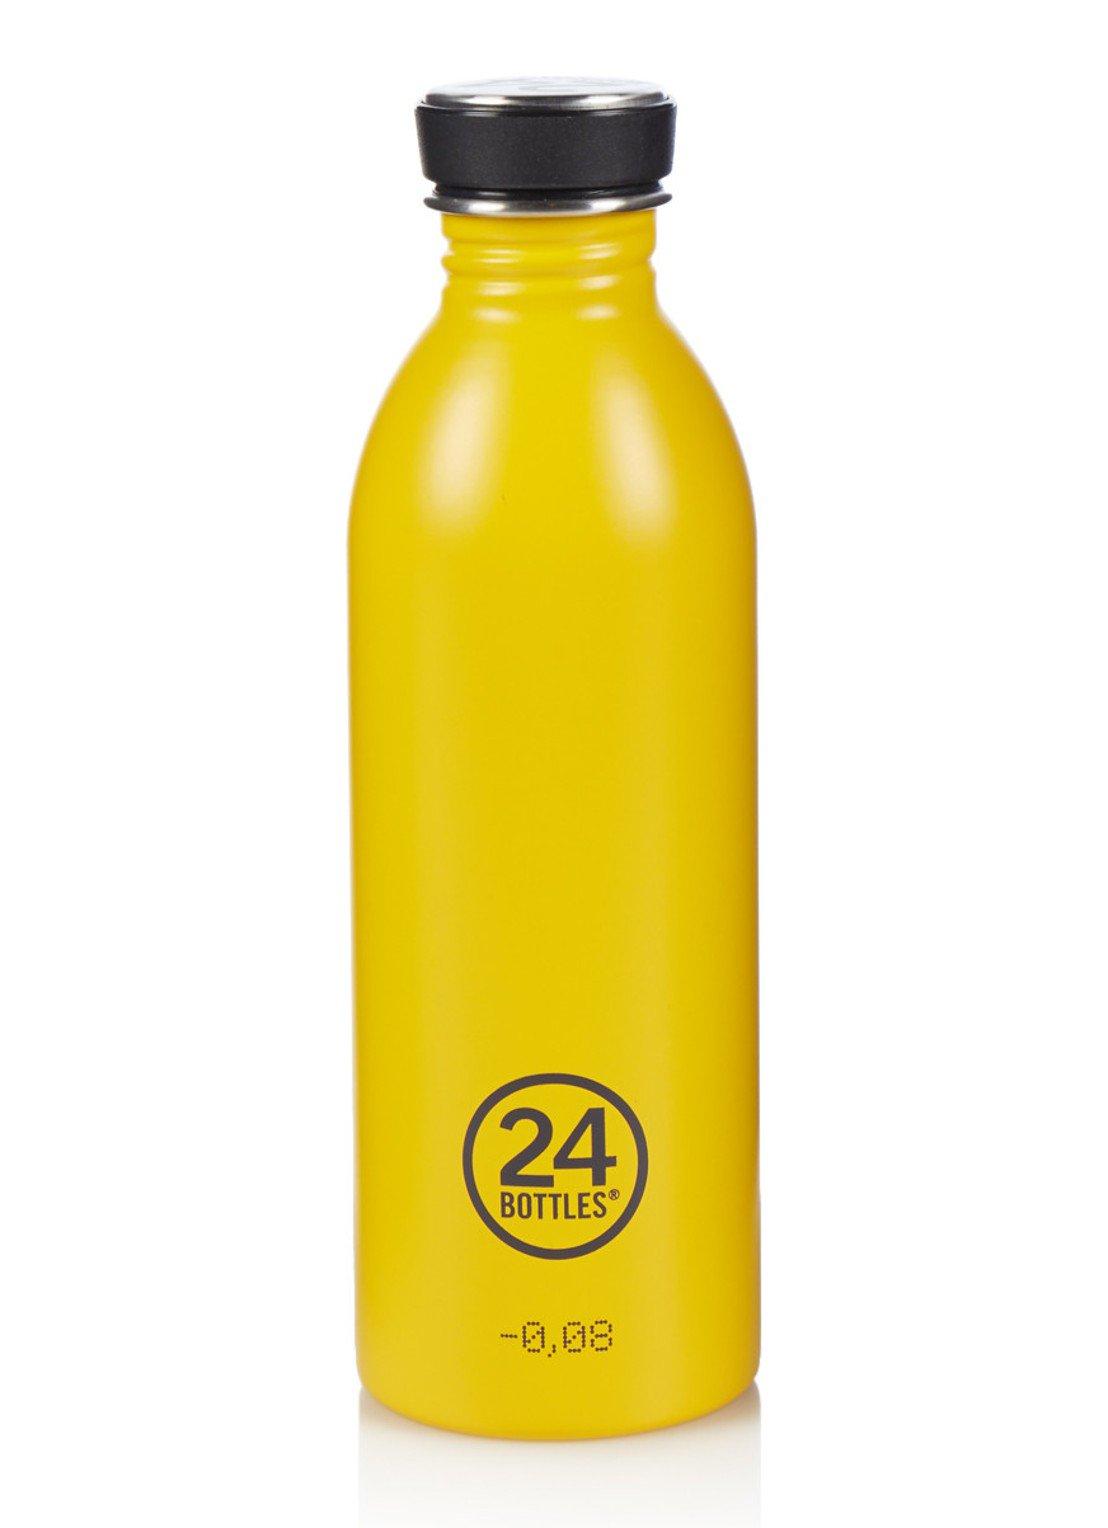 24bottles duurzame waterfless voorbeelden hip relatiegeschenk groen